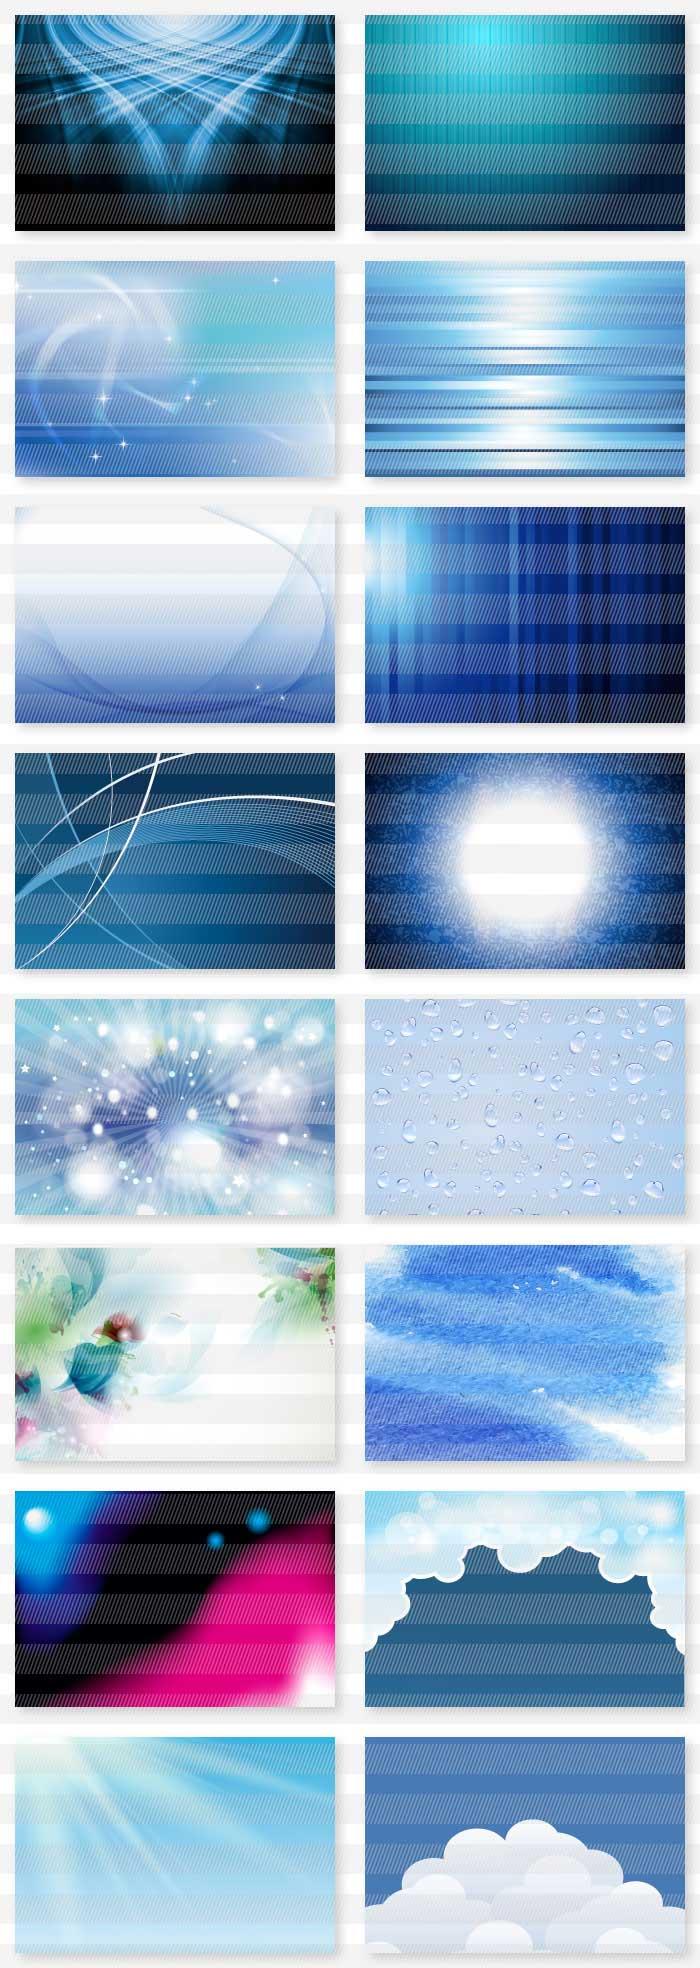 青のイラスト背景素材